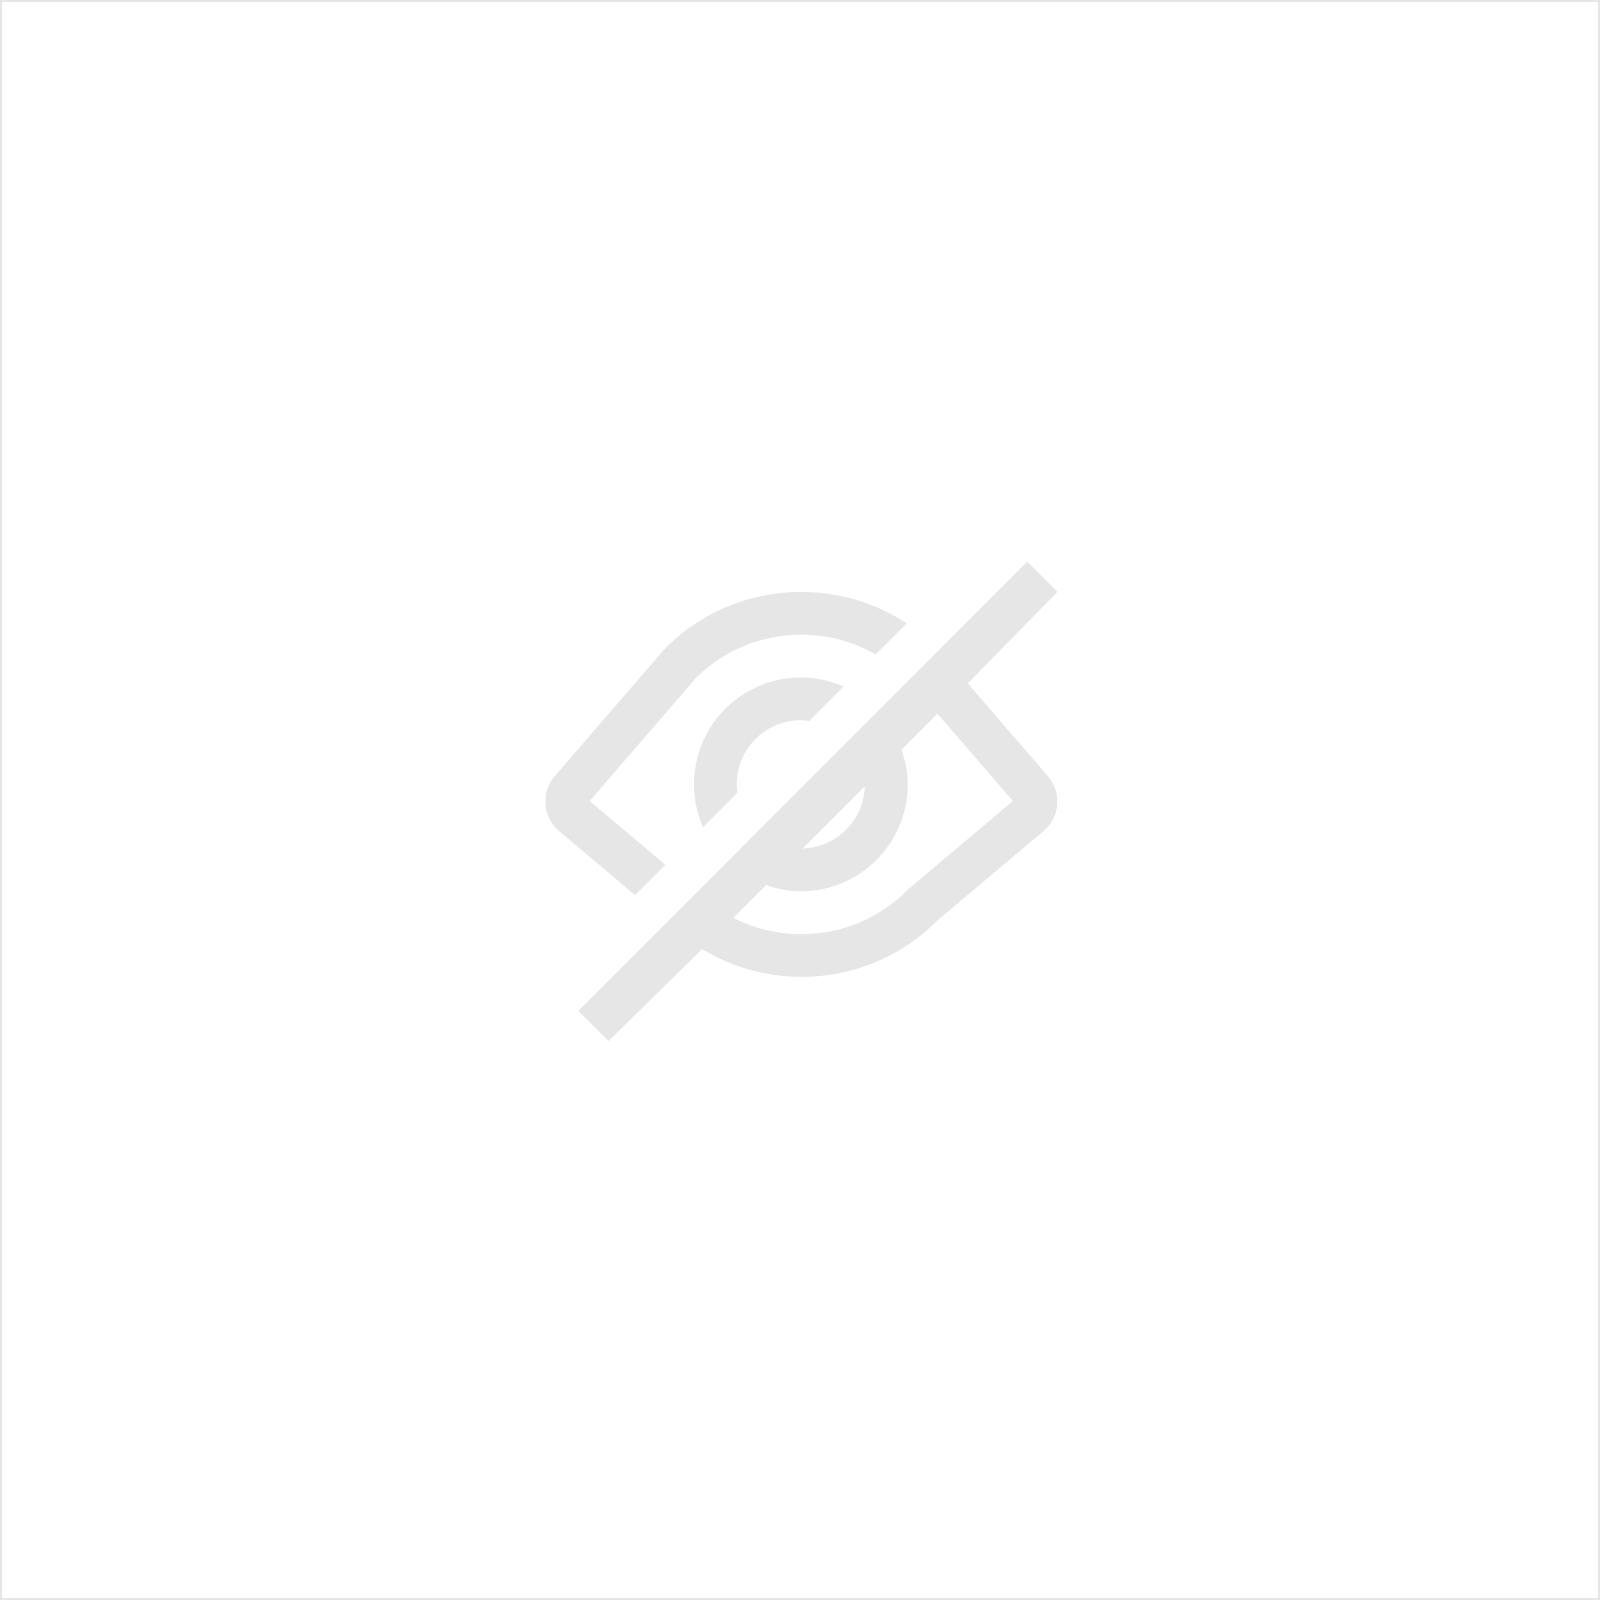 JEU DE MATRICES DE FORMAGE - ACIER CR12